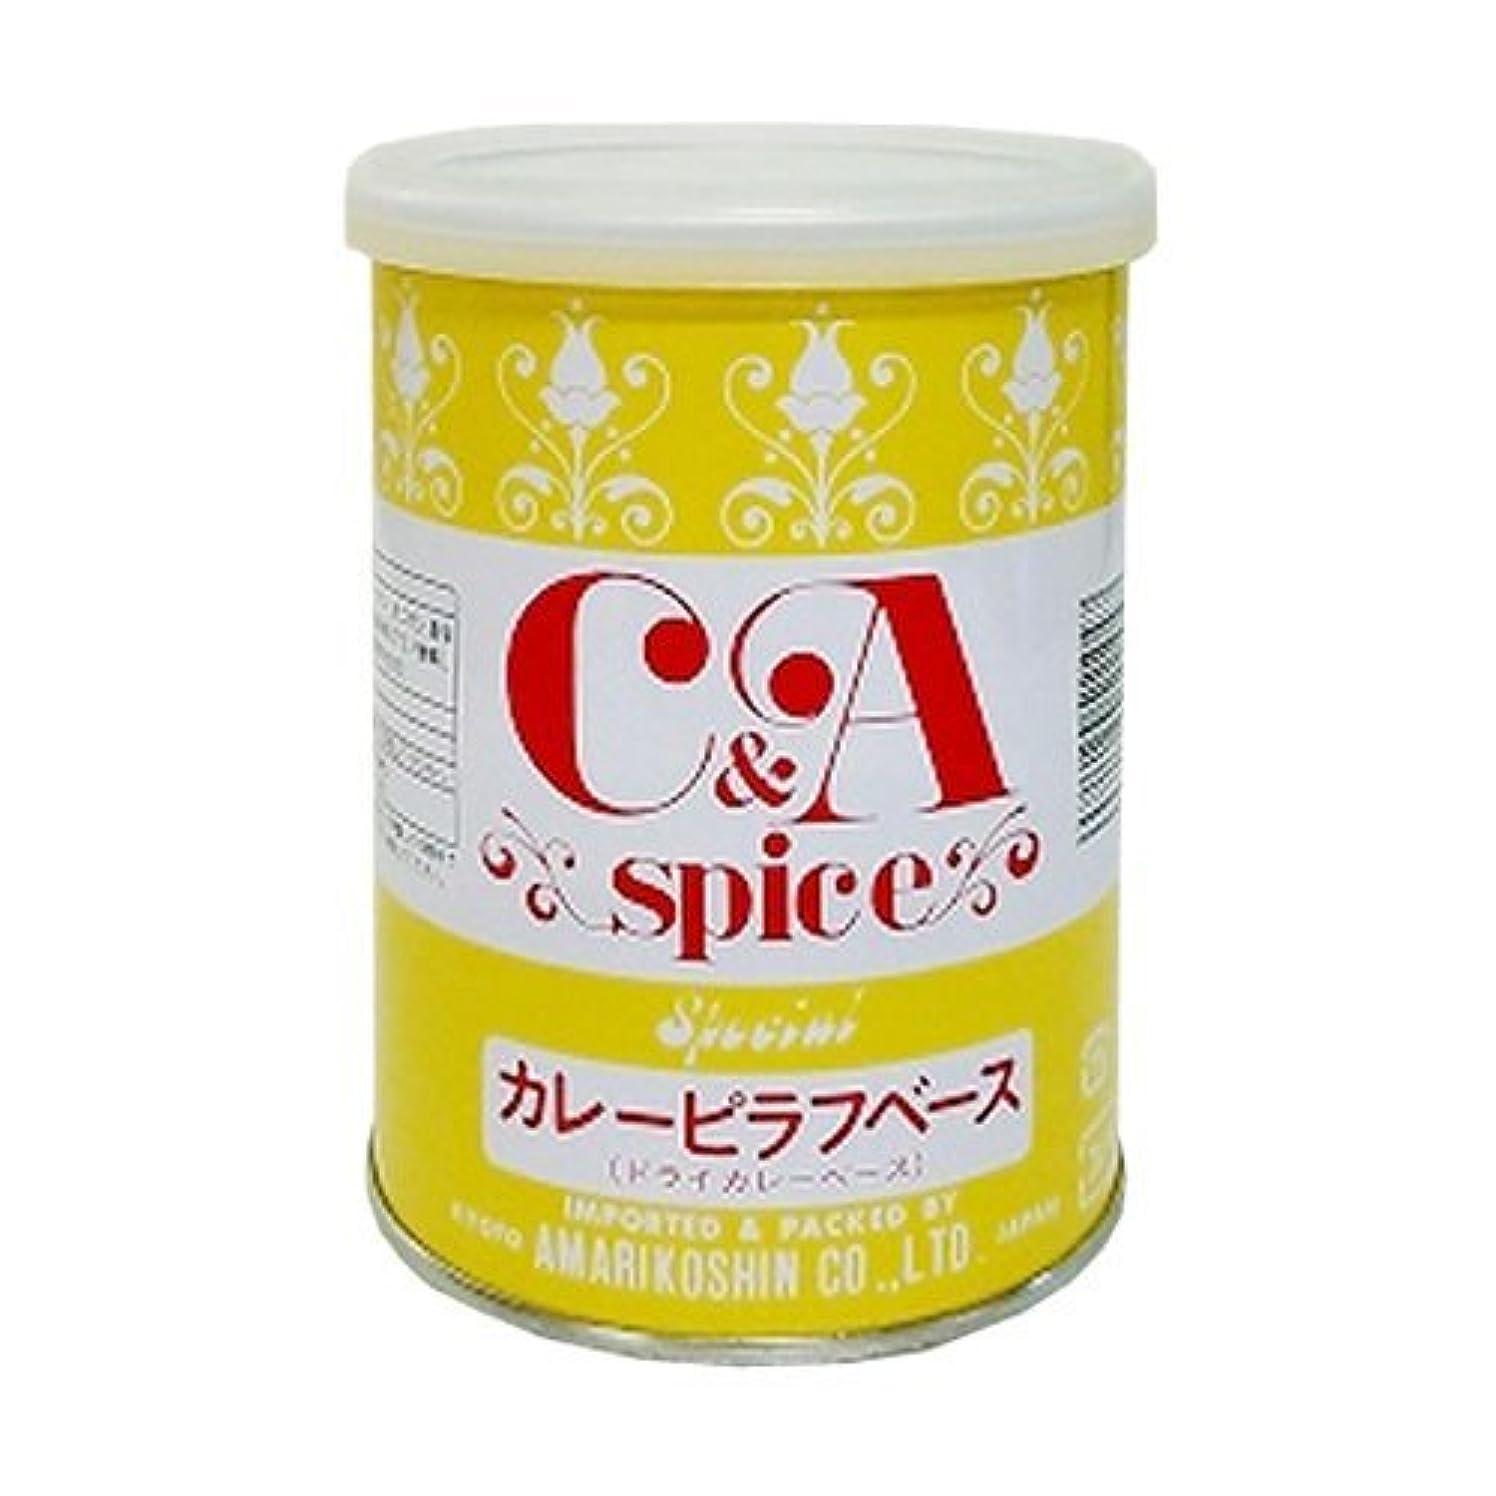 陰謀不測の事態求人甘利香辛食品 CA カレーピラフベース 250g